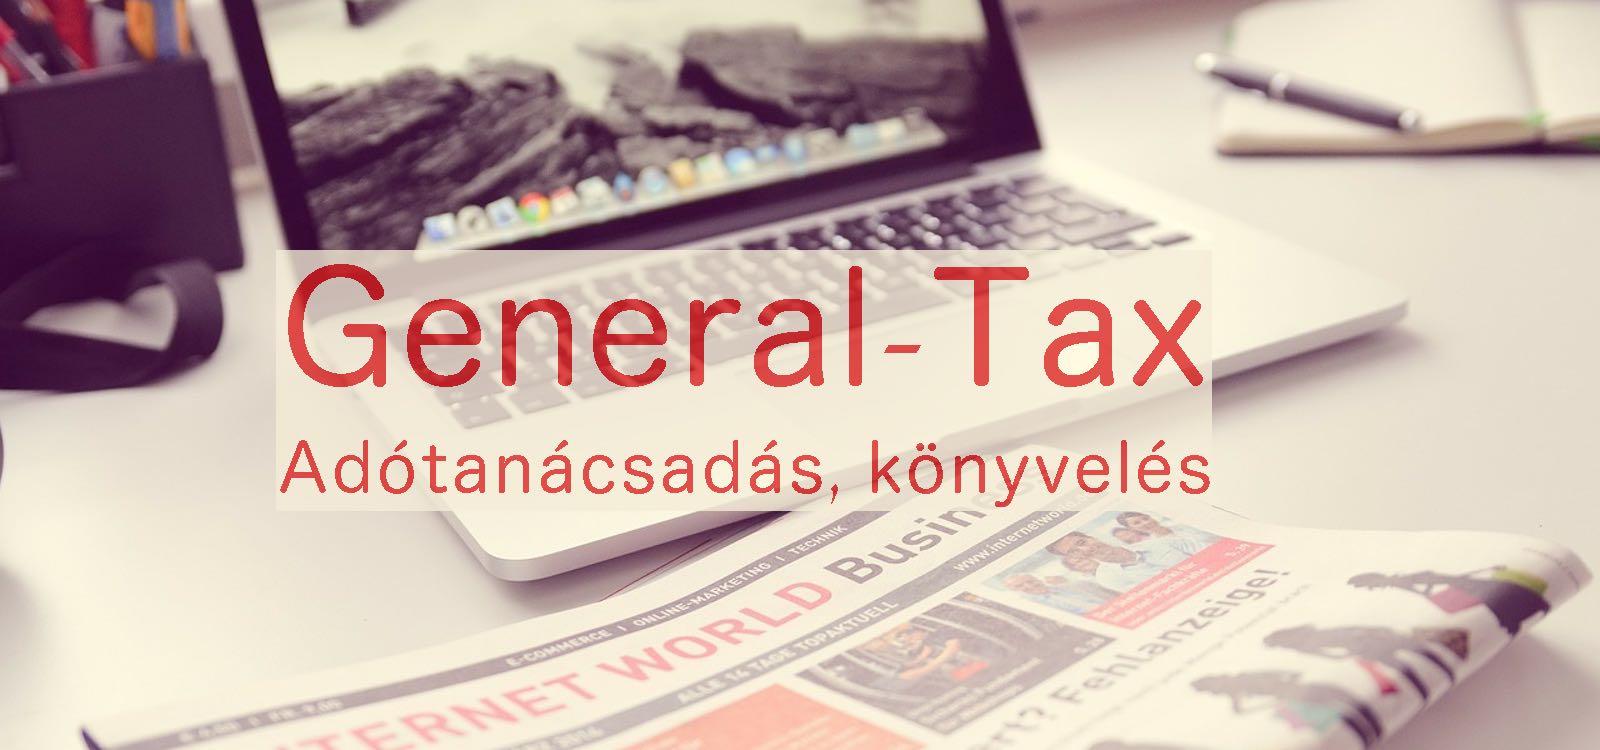 General-Tax – Adótanácsadás, könyvelés